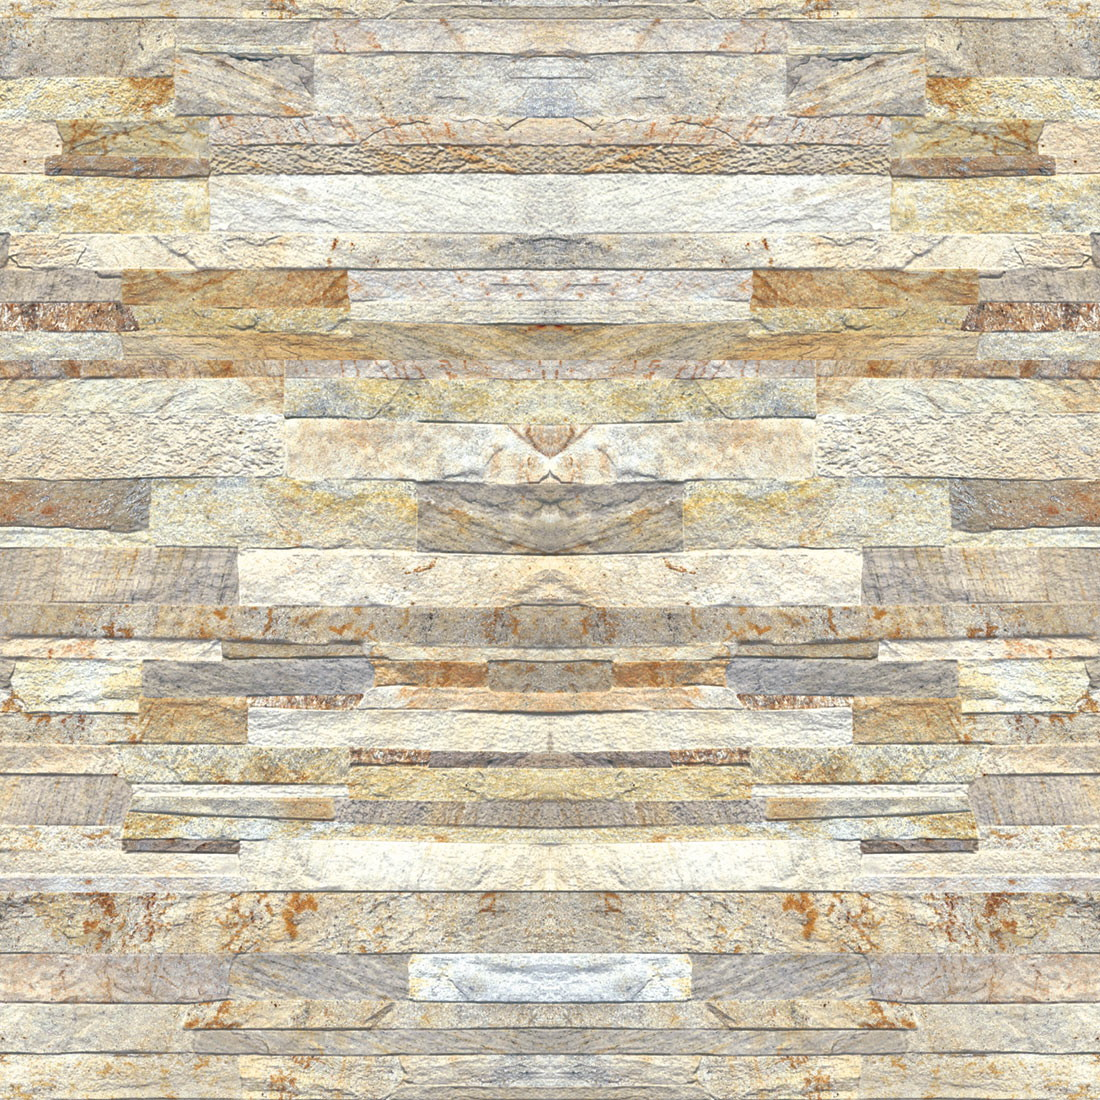 Papel De Parede Pedras Filetes Variados No Elo7 Decoraplus 9e17b8  -> Parede Da Sala Com Filetes